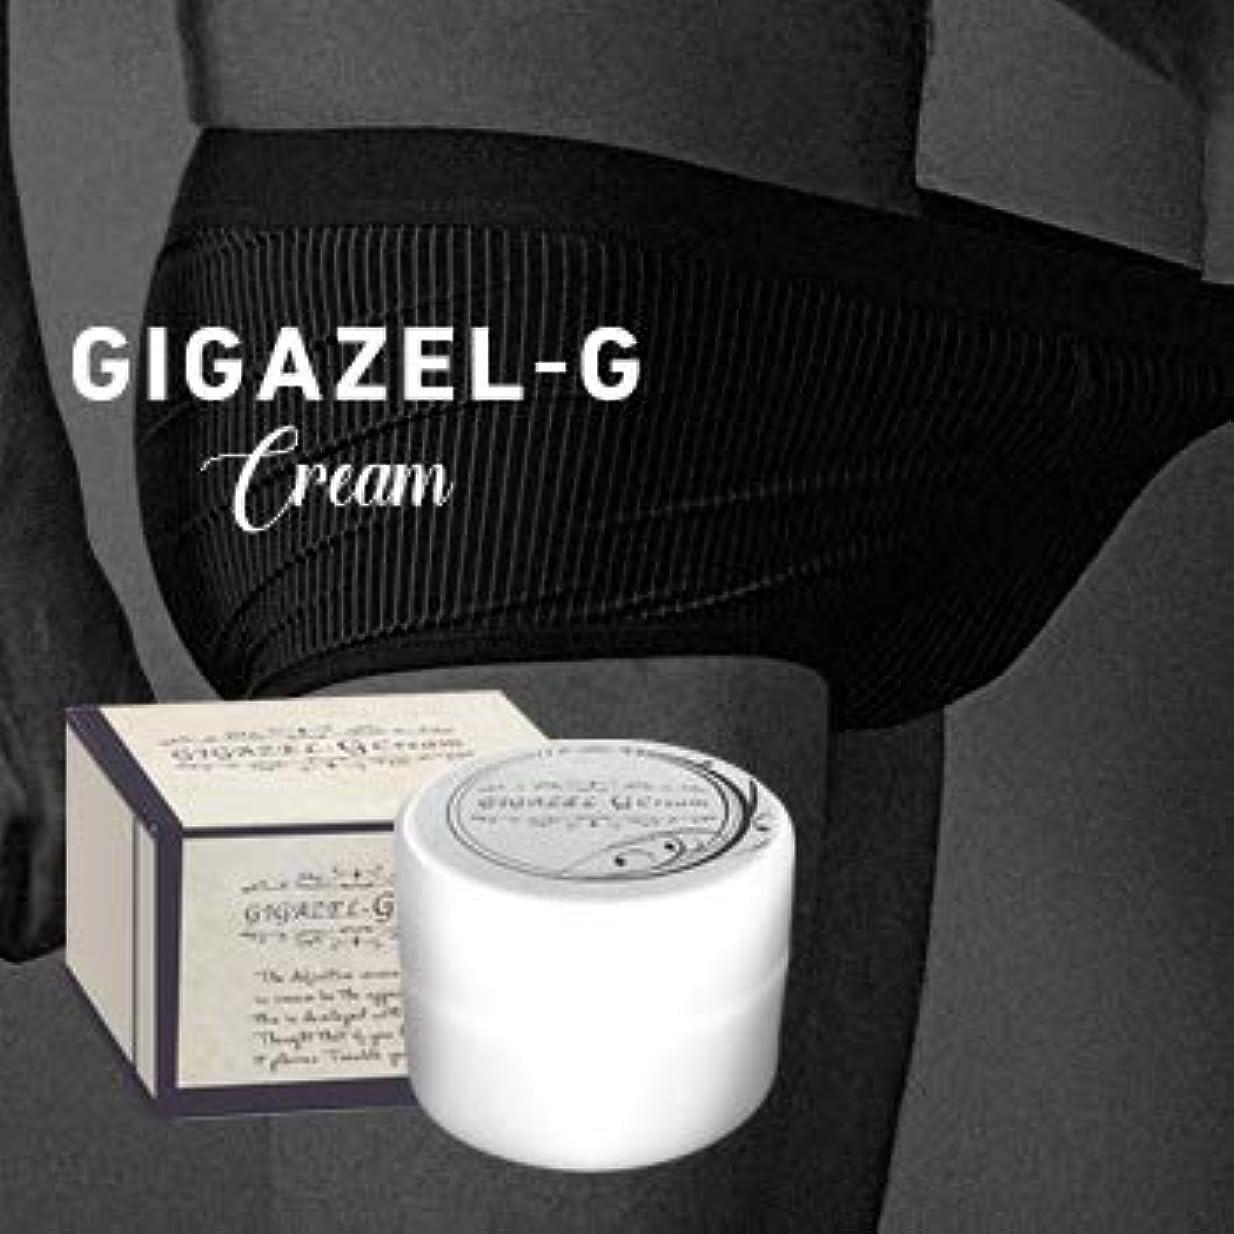 契約聴覚障害者洗練GIGAZEL-G-Cream(ギガゼルGクリーム)~男性用ボディクリーム~